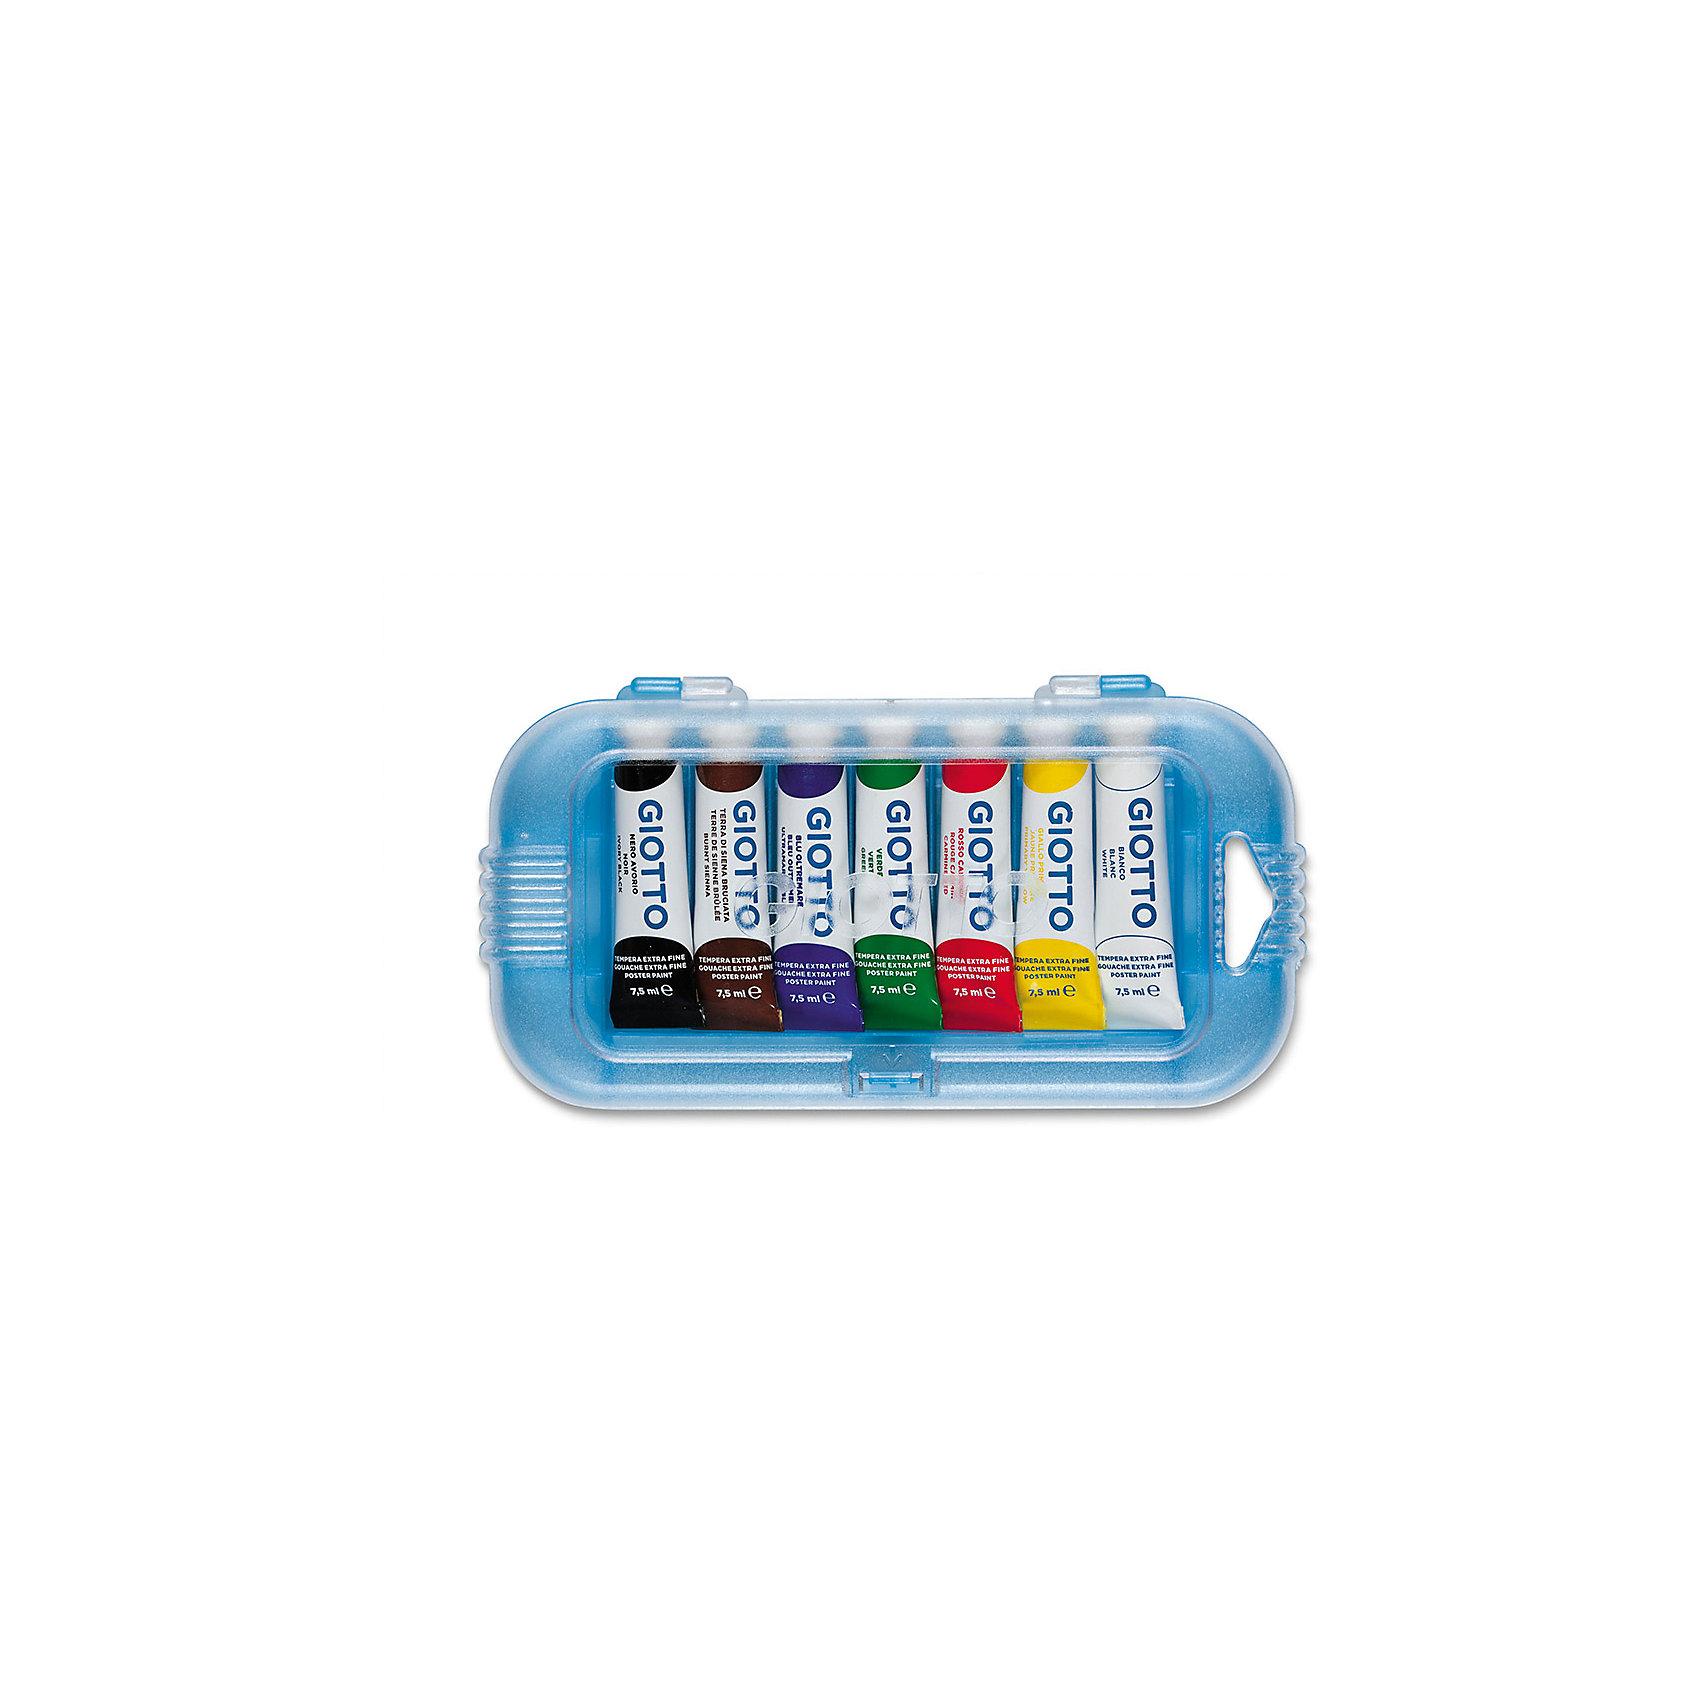 Плакатная гуашь на водной основе в алюминиевых тюбиках 7,5 мл х 7 цветовРисование и лепка<br>Плакатная гуашь на водной основе в алюминиевых тюбиках 7,5 мл х 7 цв. Экстра-яркие насыщенные цвета, высокая концентрация пигмента, максимальная укрывистость. Набор в палстиковом кейсе.<br><br>Ширина мм: 21<br>Глубина мм: 102<br>Высота мм: 190<br>Вес г: 163<br>Возраст от месяцев: 72<br>Возраст до месяцев: 120<br>Пол: Унисекс<br>Возраст: Детский<br>SKU: 5107819